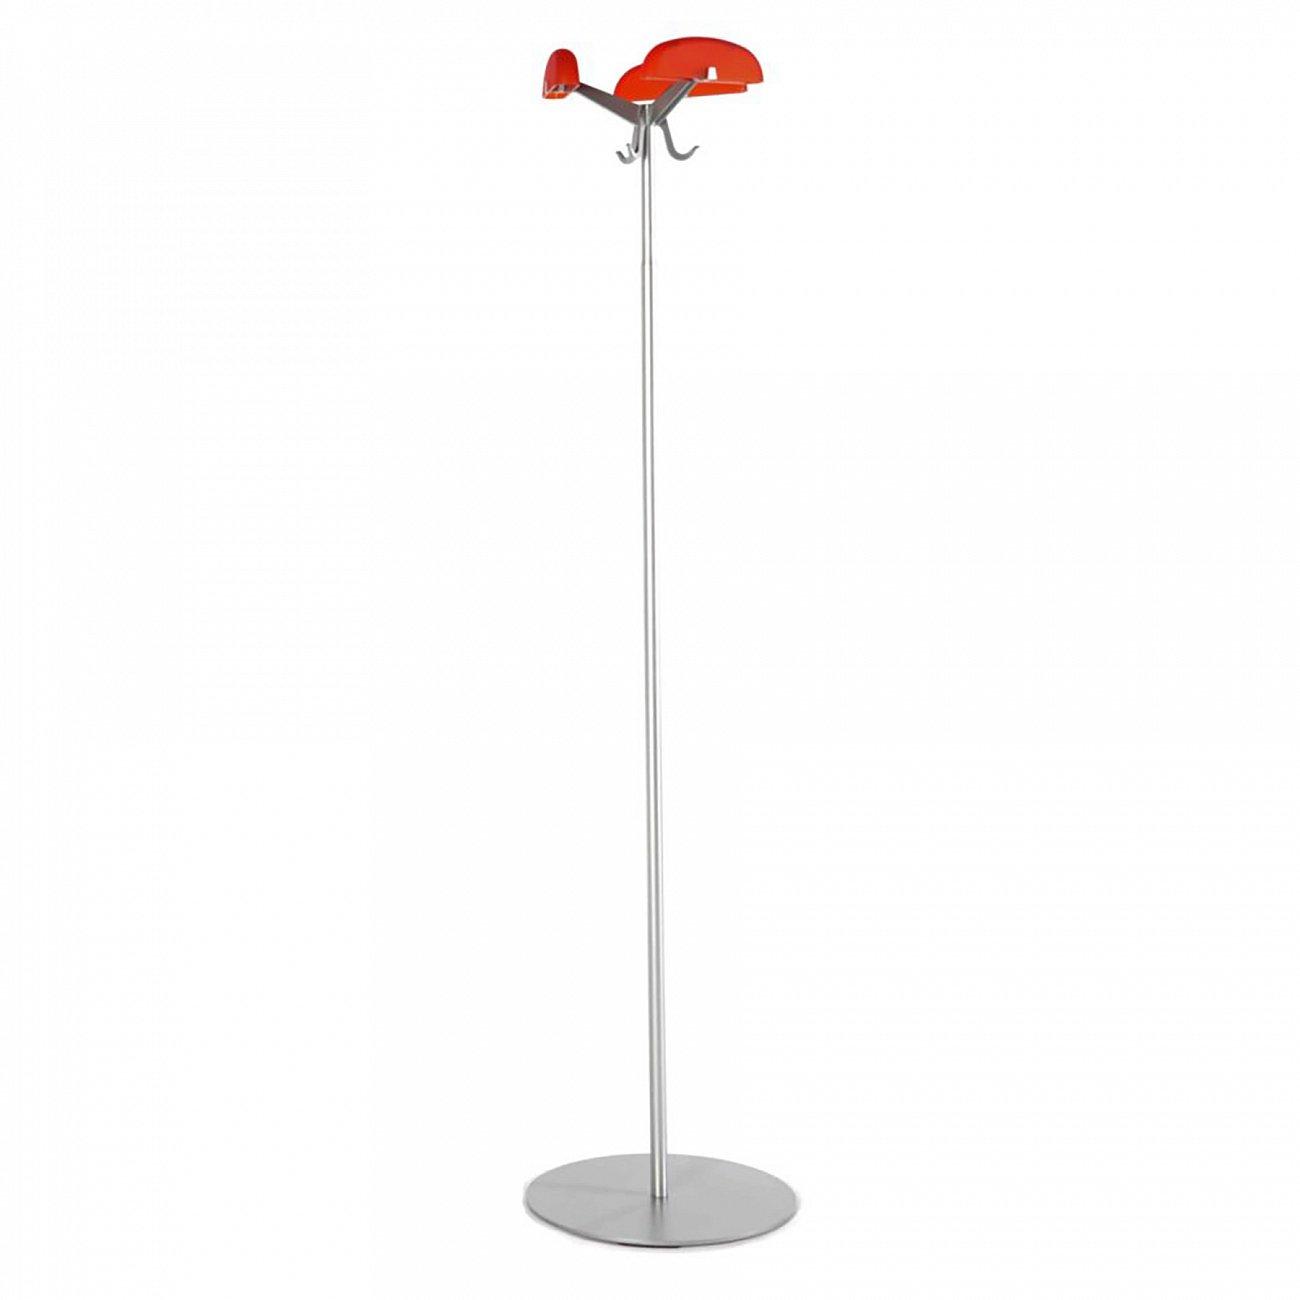 Купить Вешалка B8160 4T/orange (Alta Tensione) в интернет магазине дизайнерской мебели и аксессуаров для дома и дачи